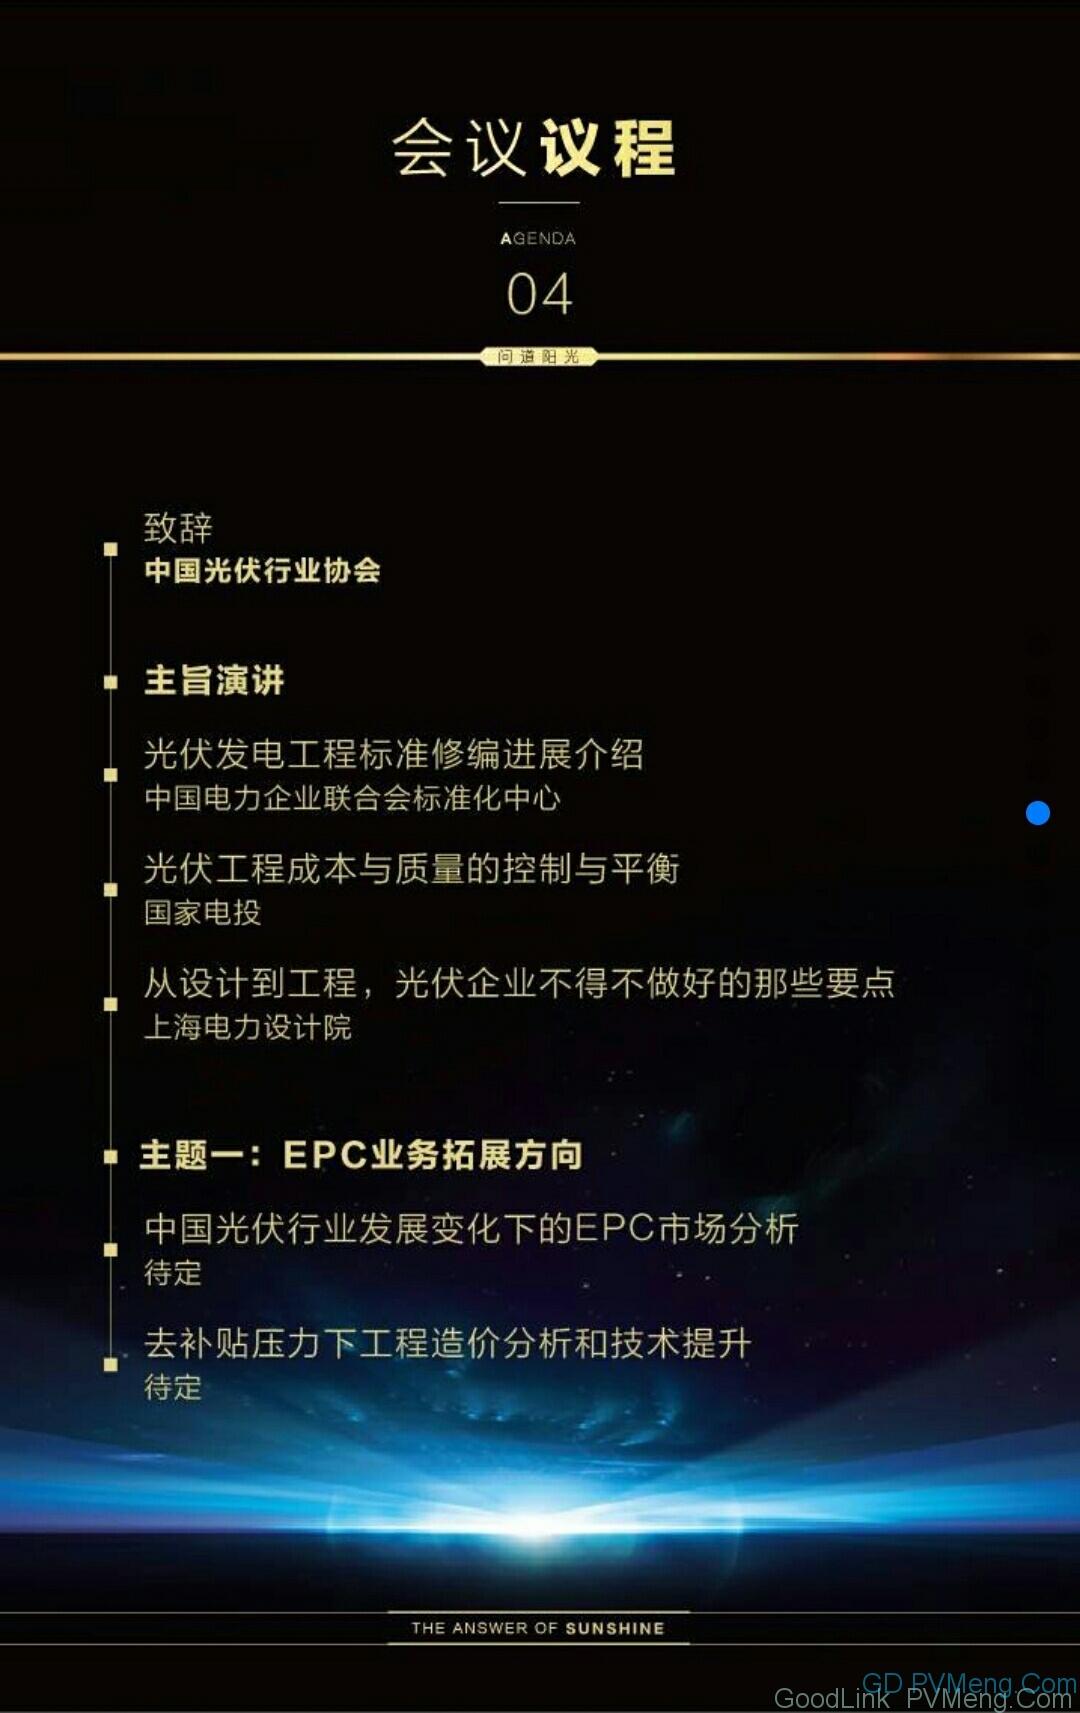 """0180713光伏們·光伏发电工程及验收研讨会"""""""